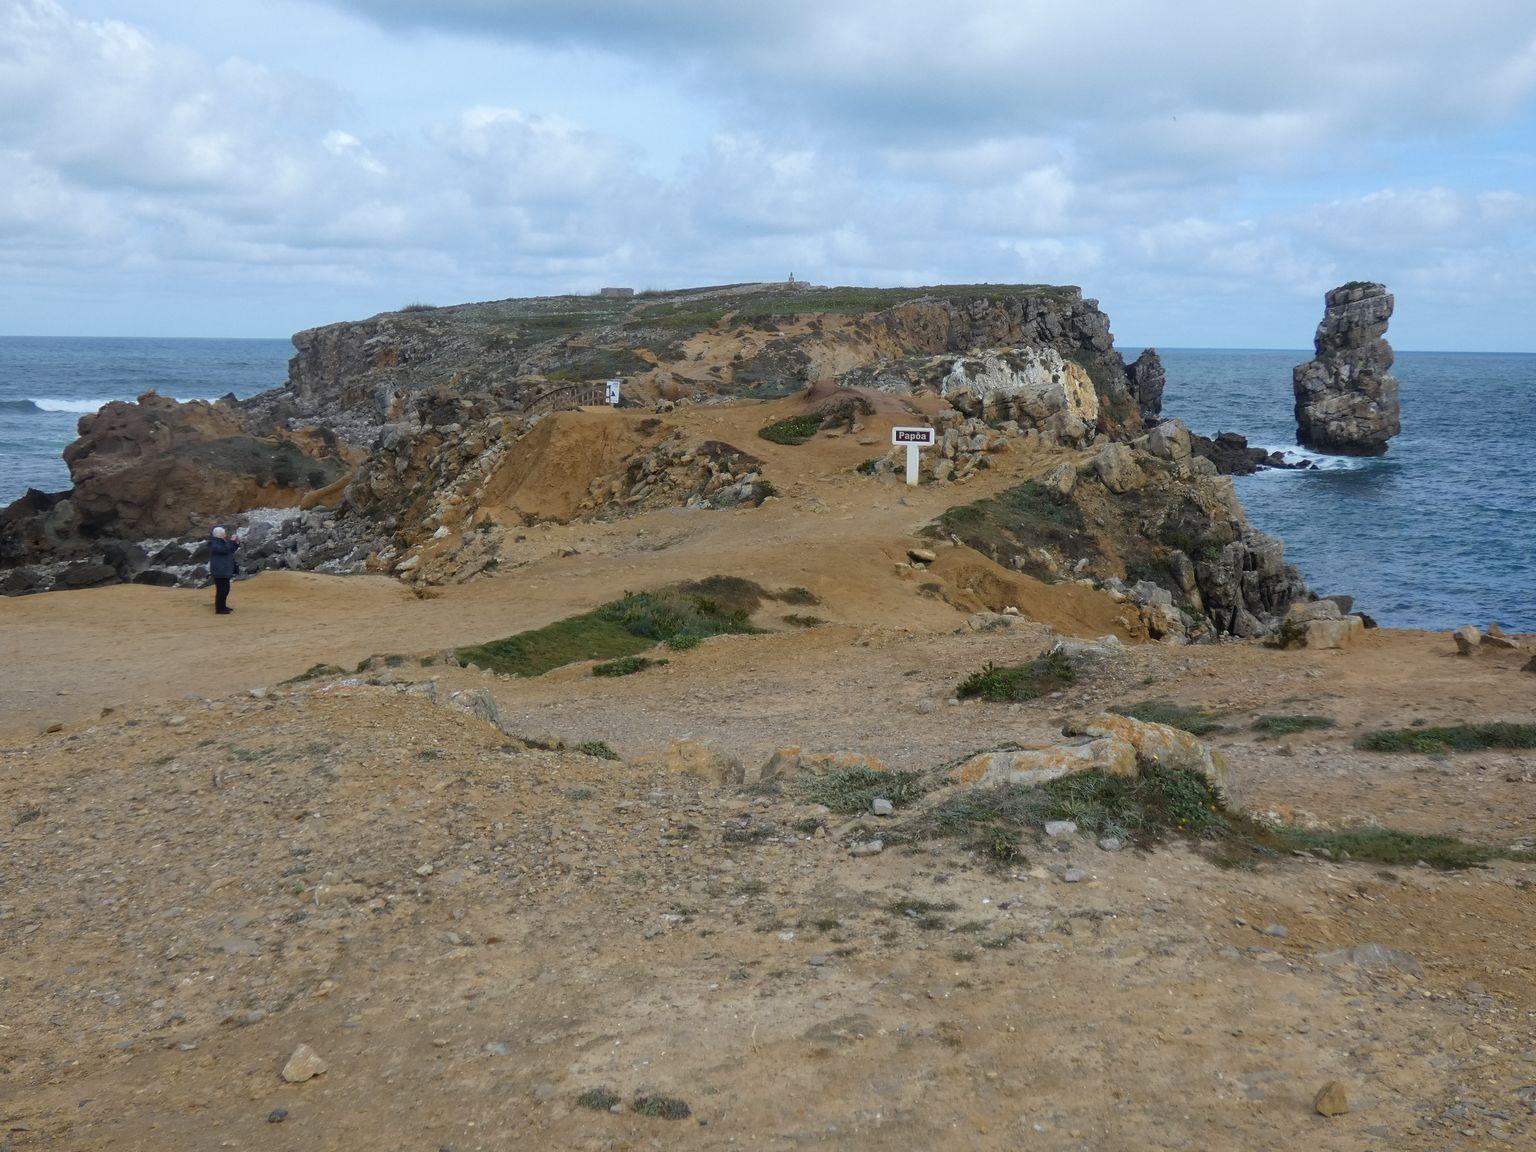 Le rocher vertical se nomme le Pierre aux corbeau en référence au cormorans huppées qui s'y reposent